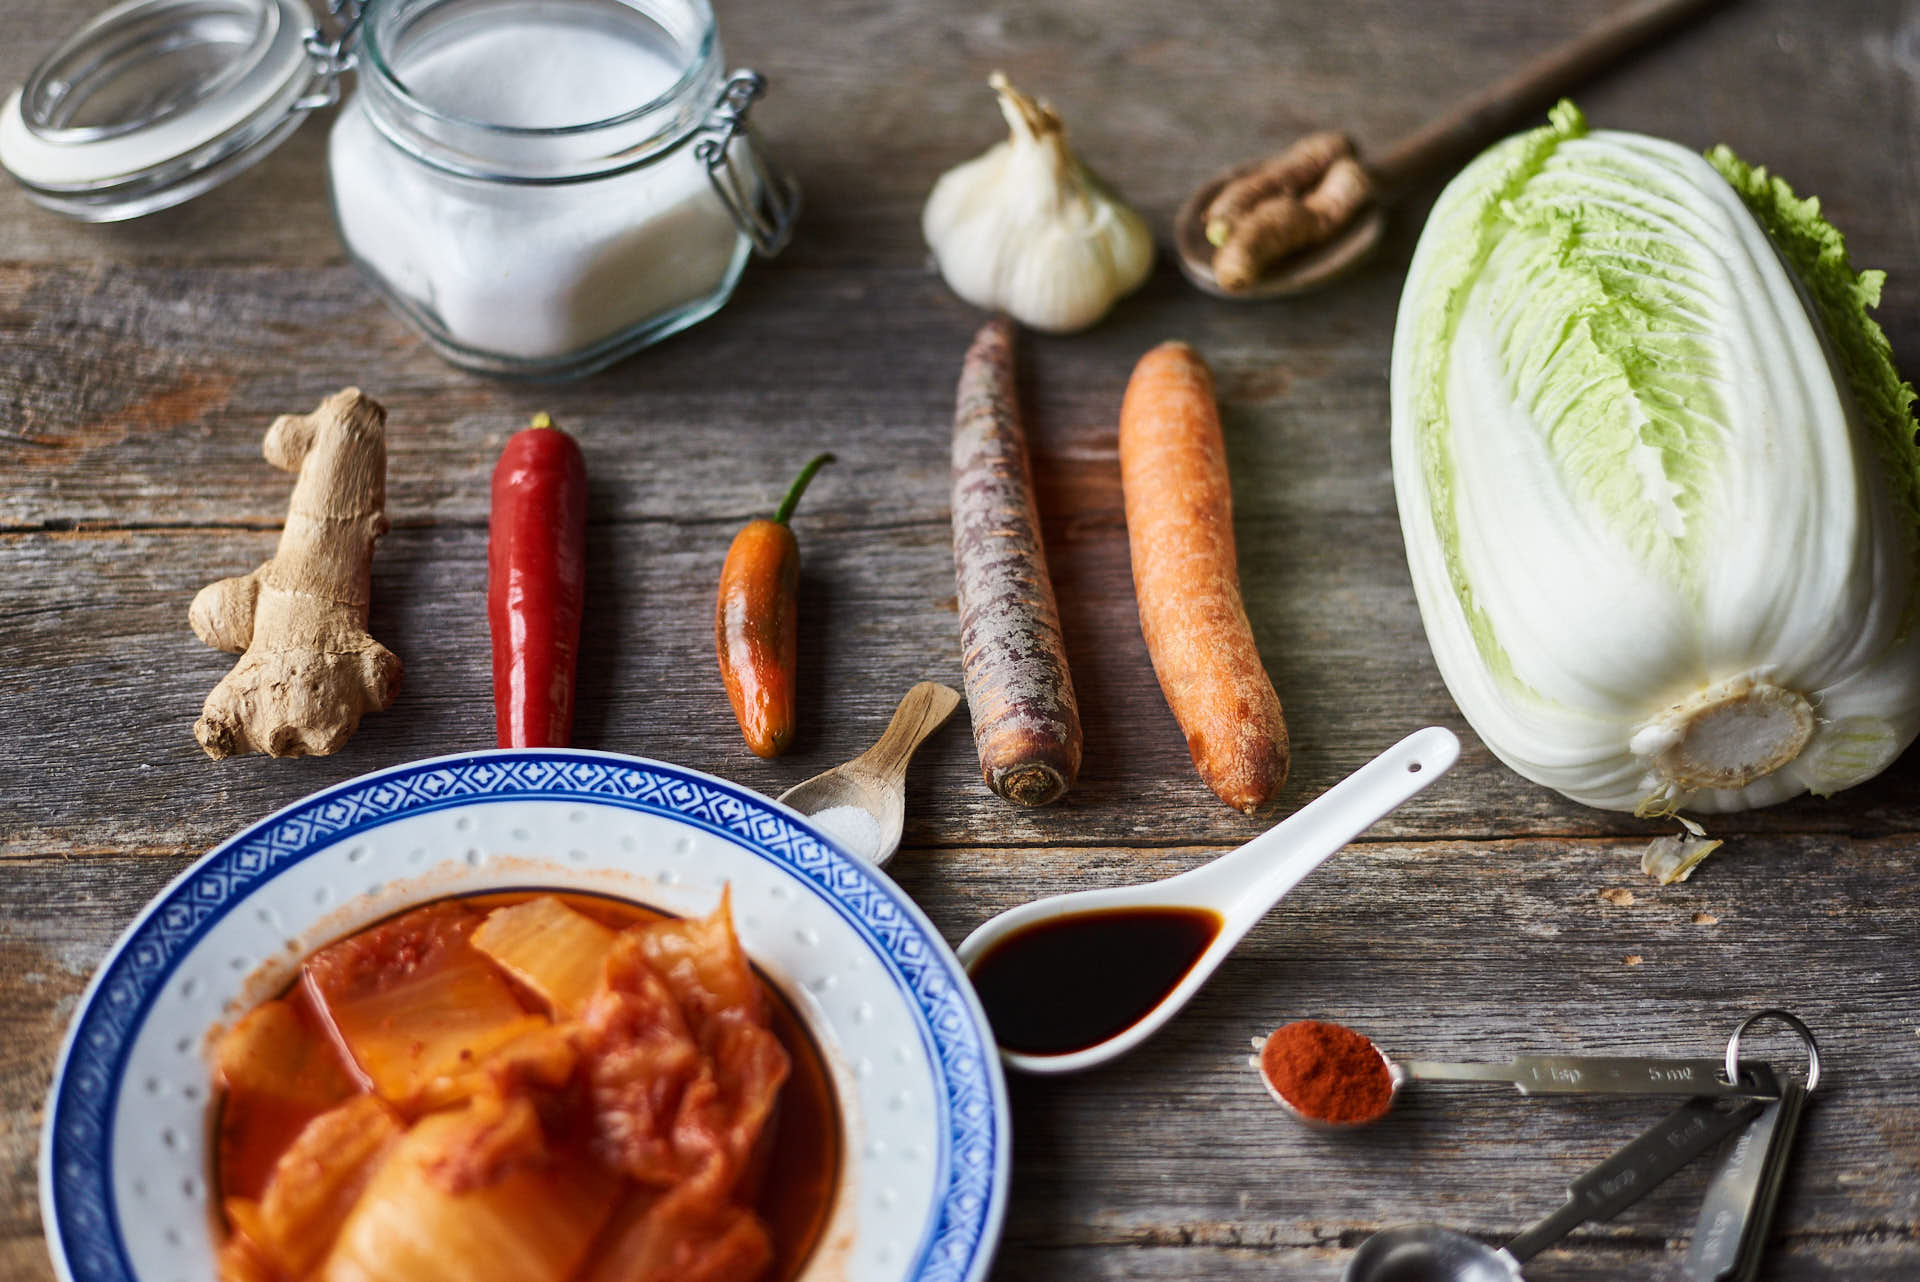 Korea's Sauerkraut: Kimchi